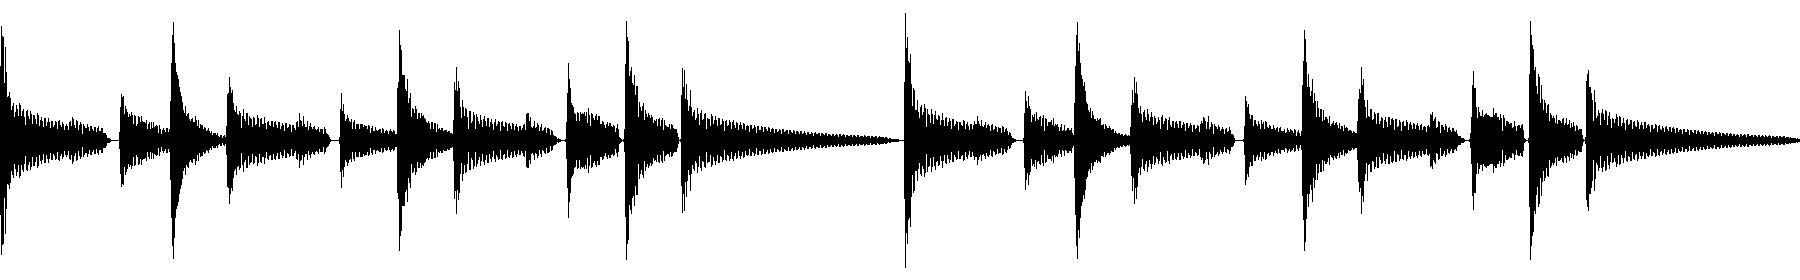 ehp percloop 130 10